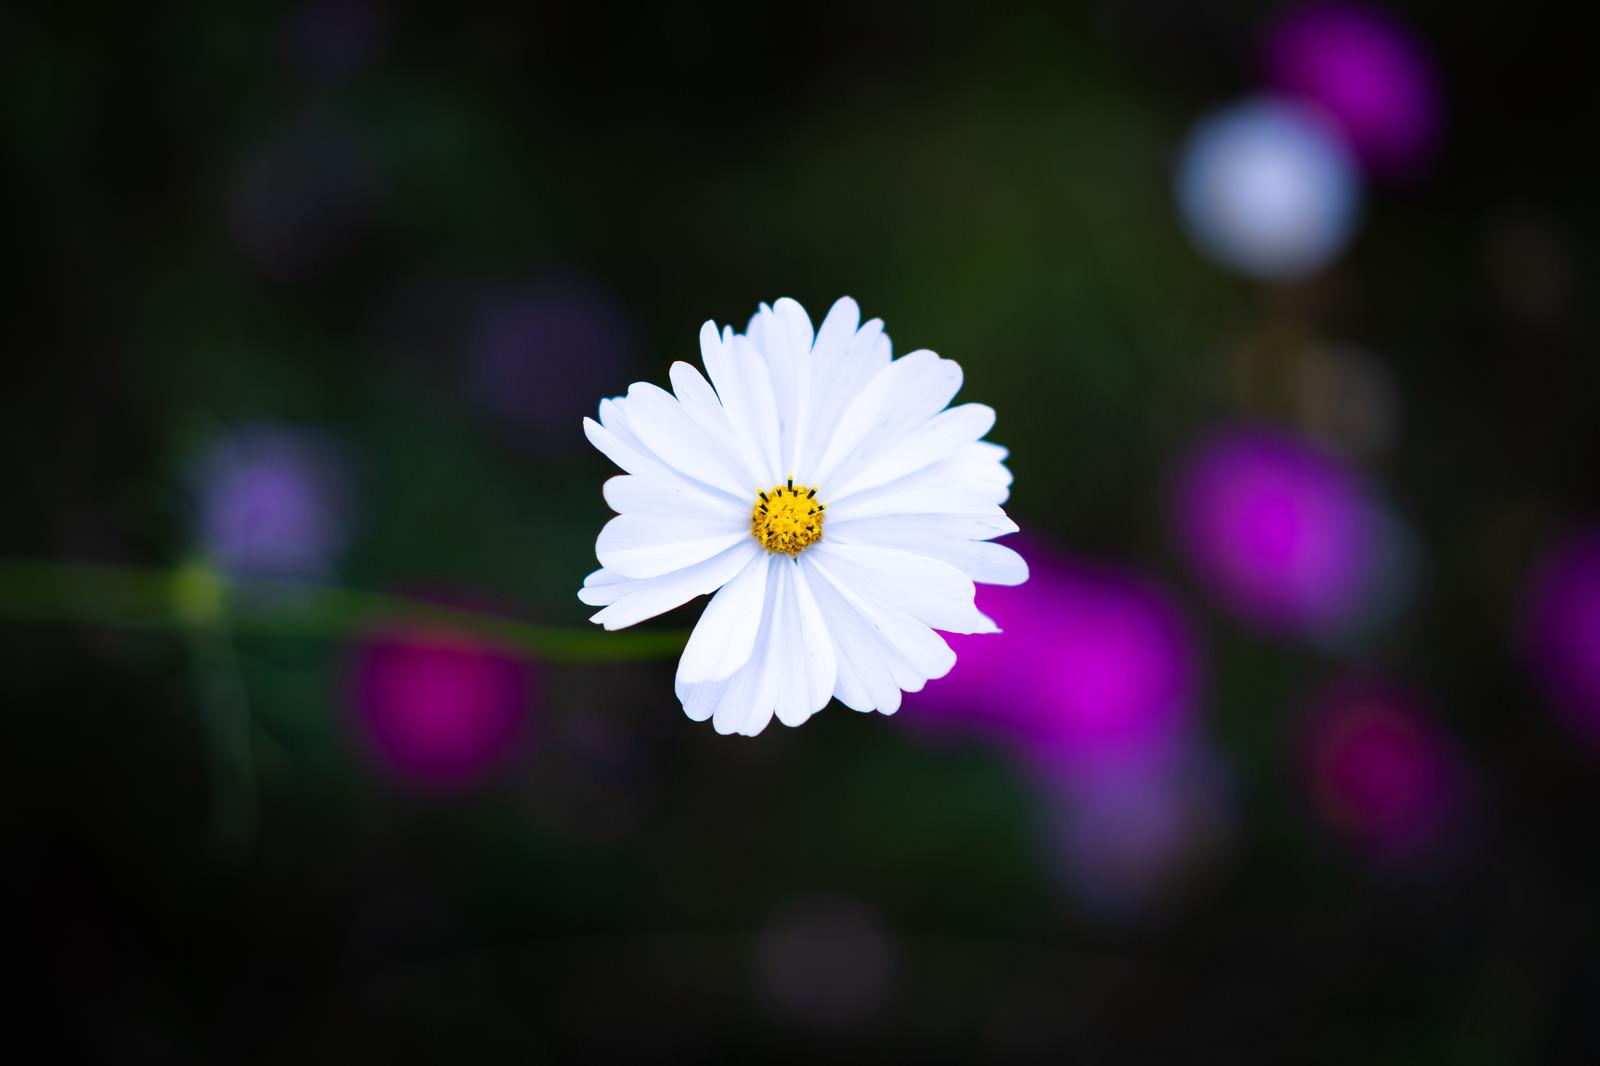 「白いコスモス」の写真